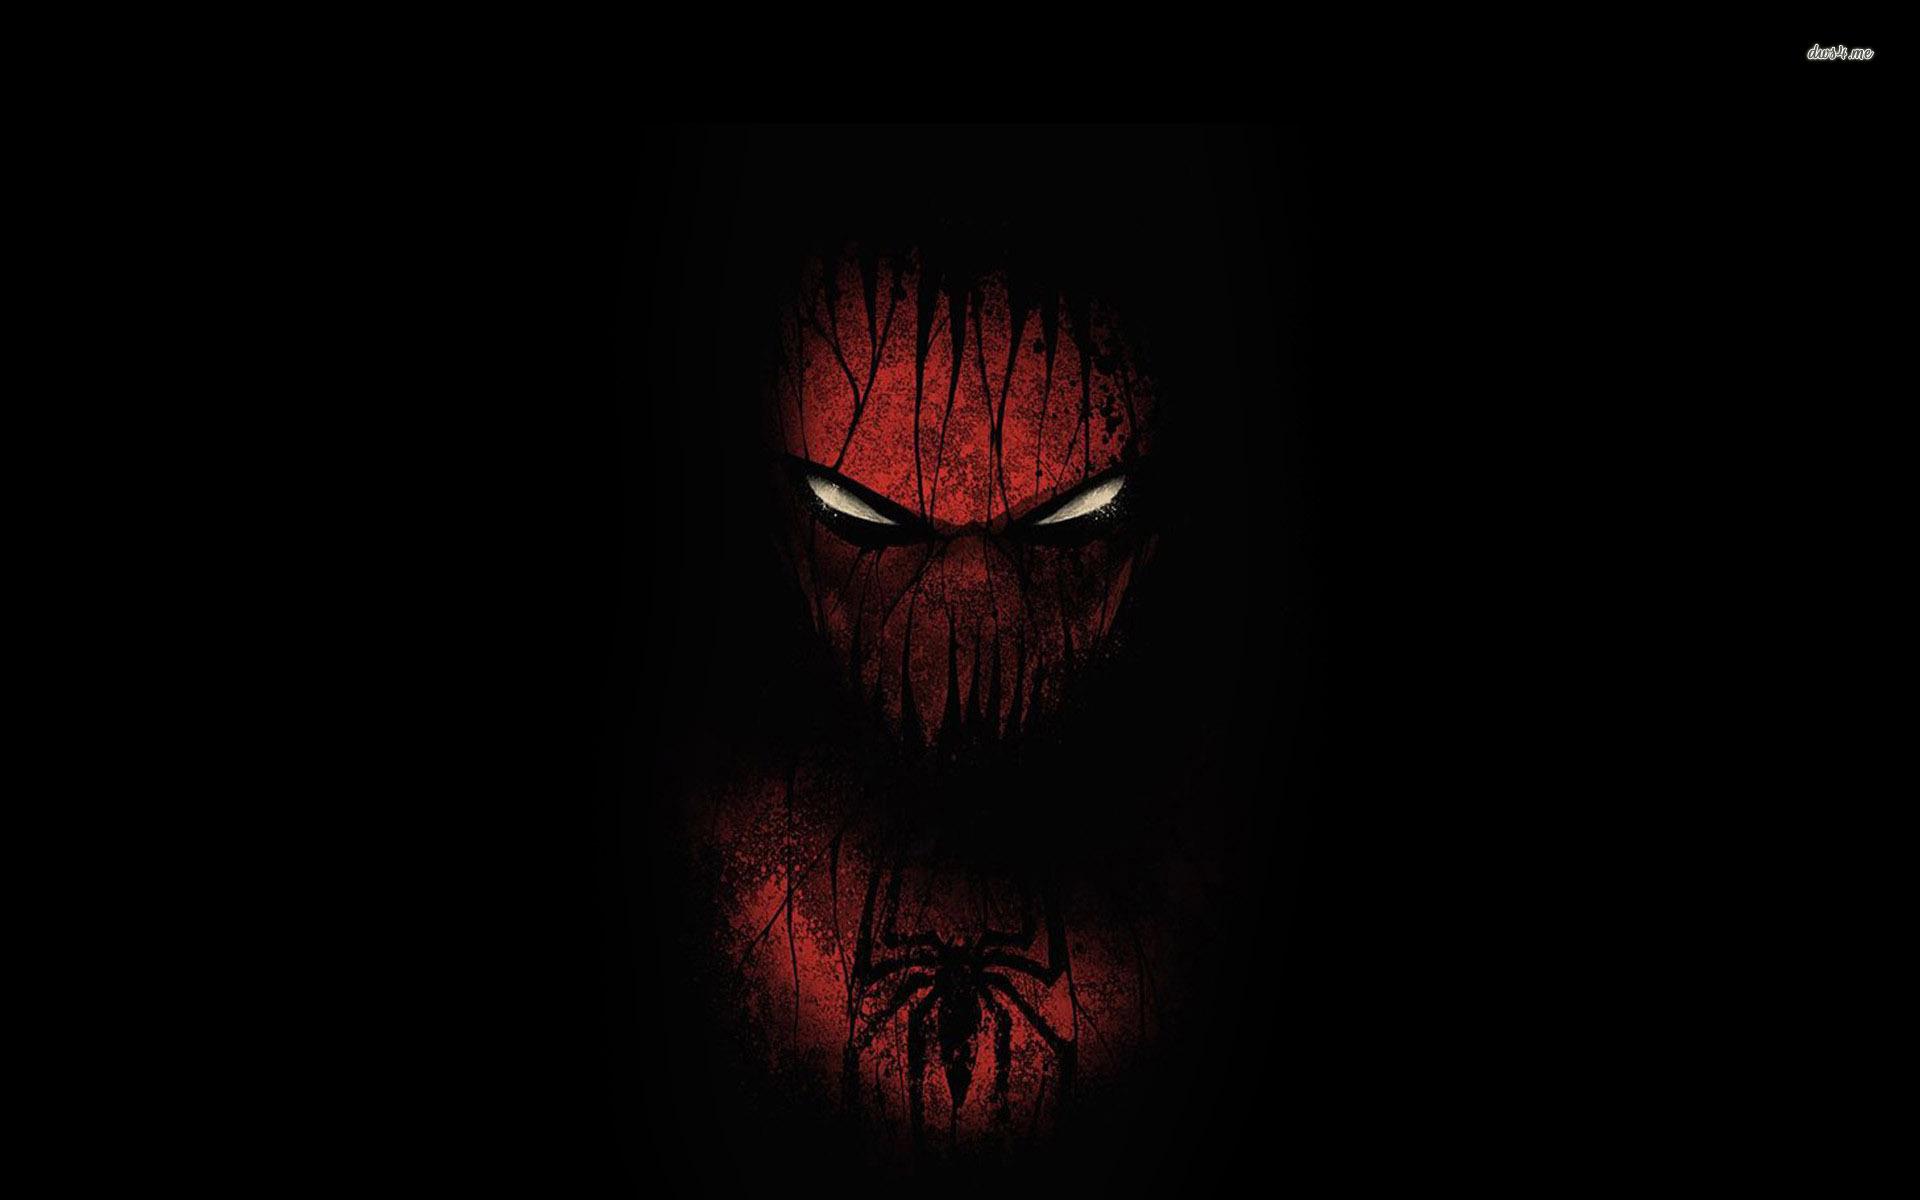 ... Spider-Man wallpaper 1920x1200 ...